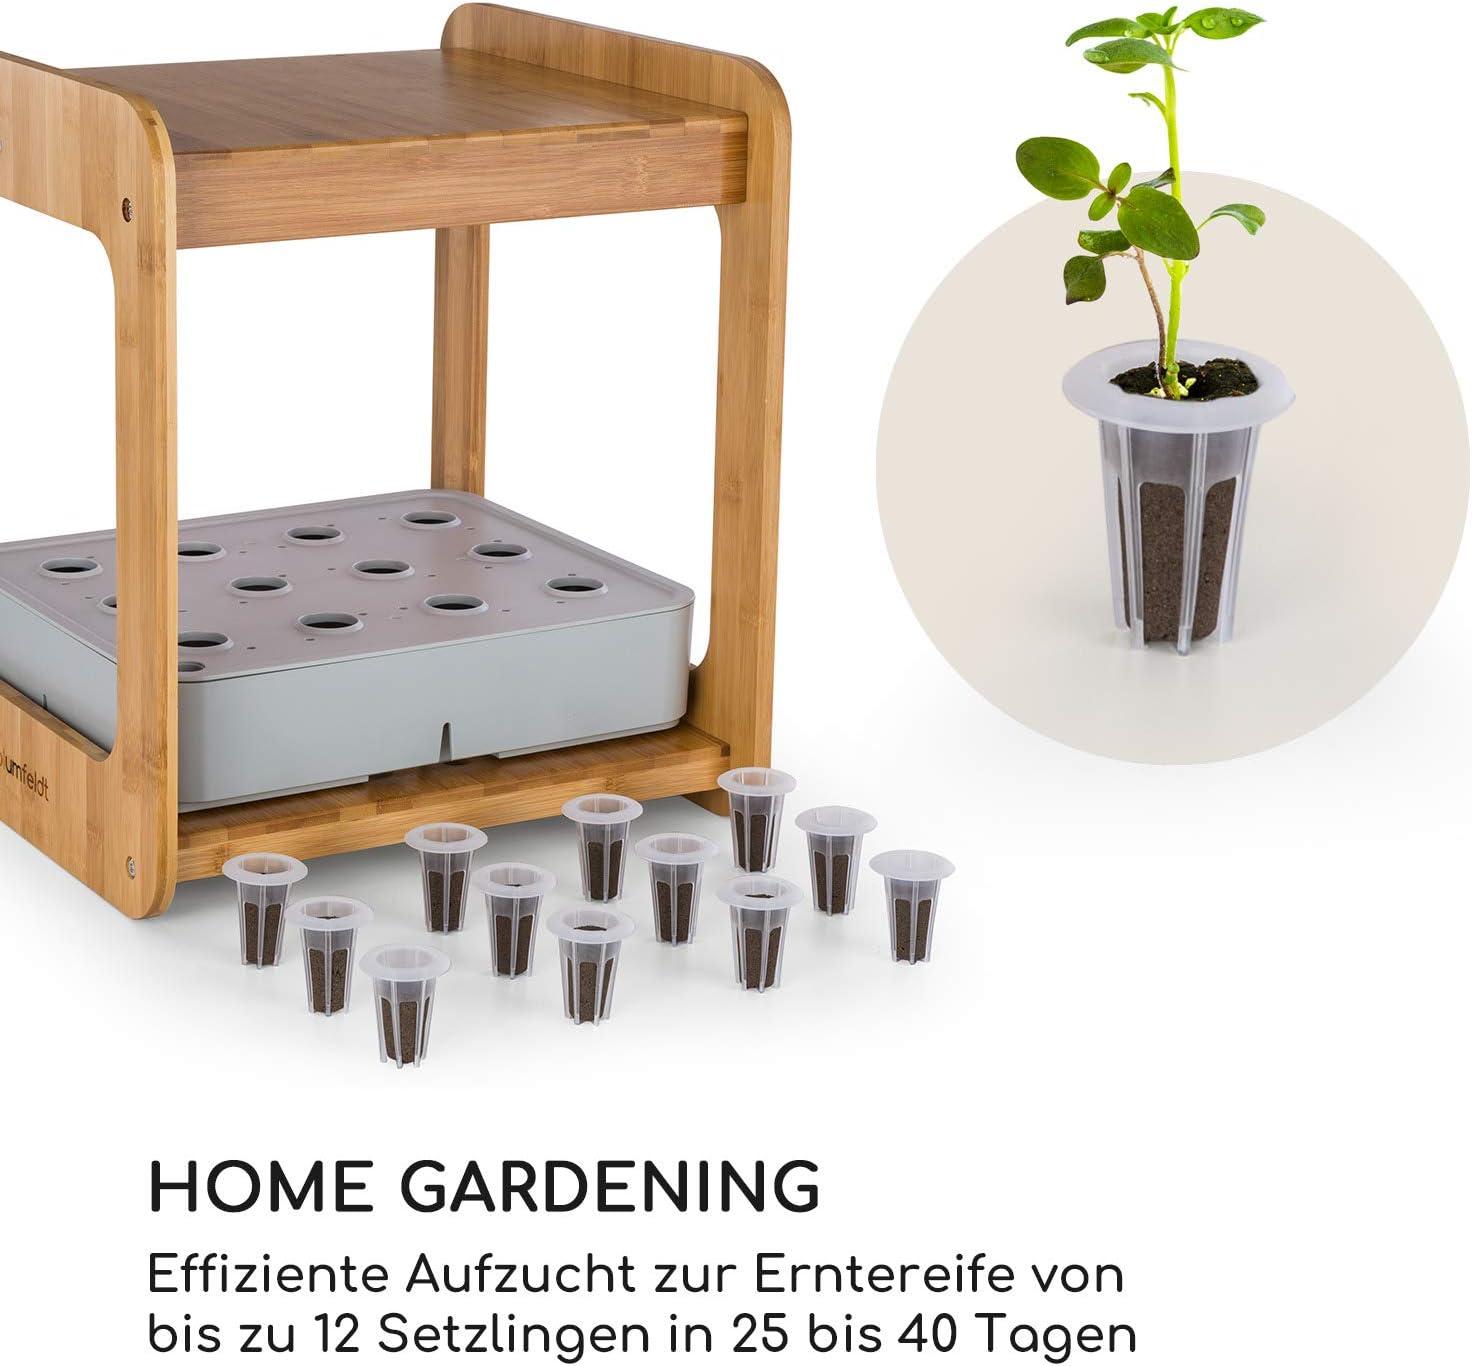 blumfeldt Urban Bamboo Refresh Kit Hydroponisches Pflanzsystem,Zubeh/ör-Set 12 x Pflanzkorb /& 12 x Pflanzschwamm